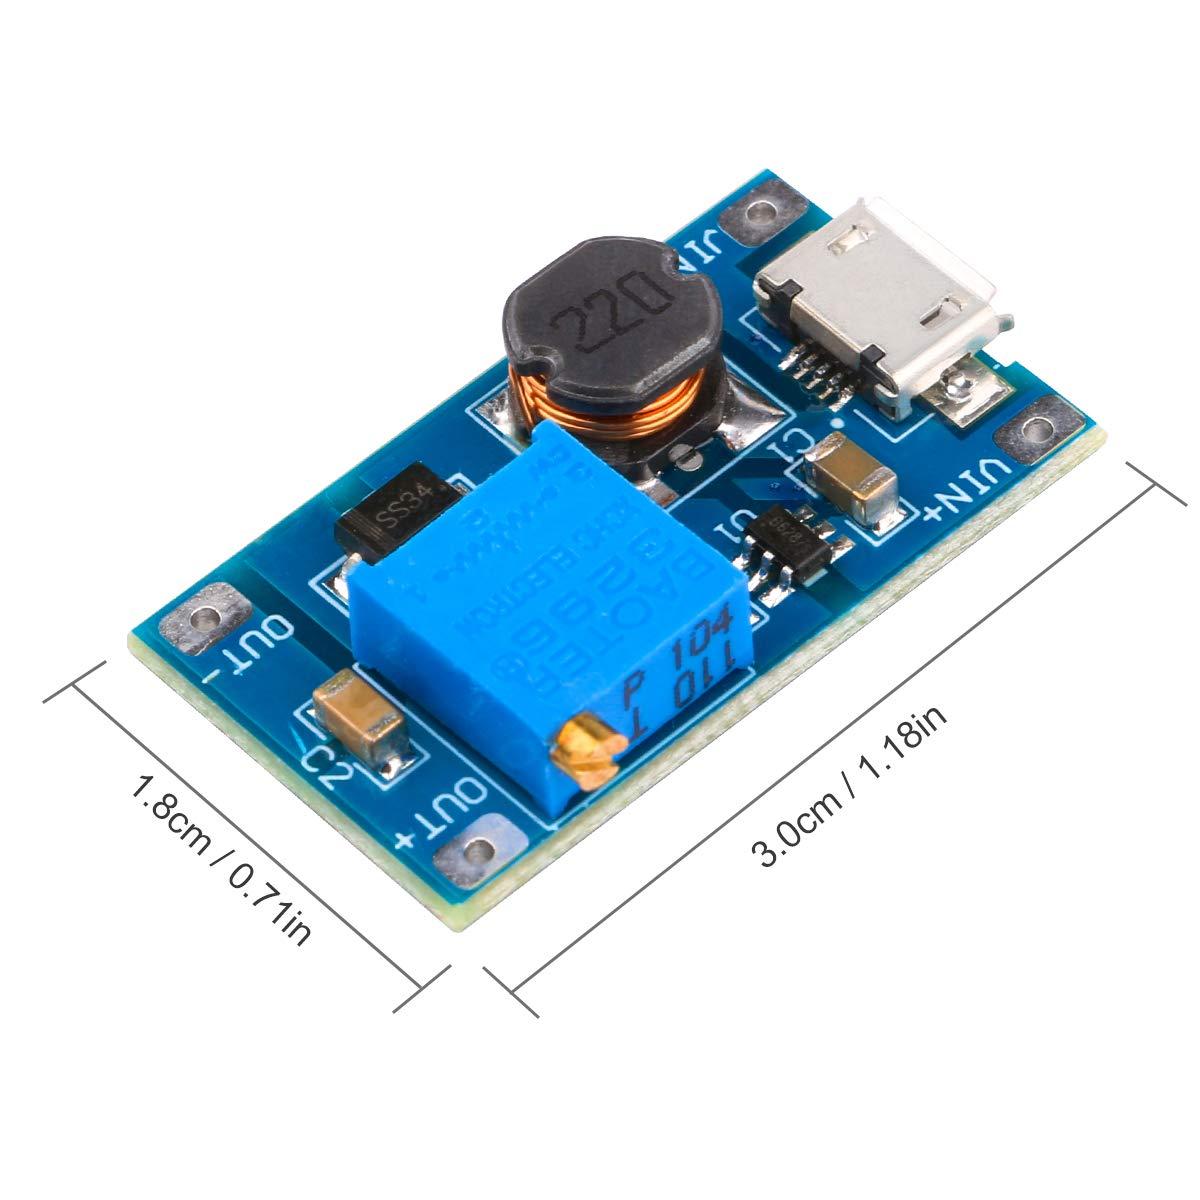 Dc Boost Converter Yeeco 1a Step Up Regulator Circuit Direct High Voltage Board 2 24v 5v 9v To 5 28v 12v 20v Booster Module Adjustable